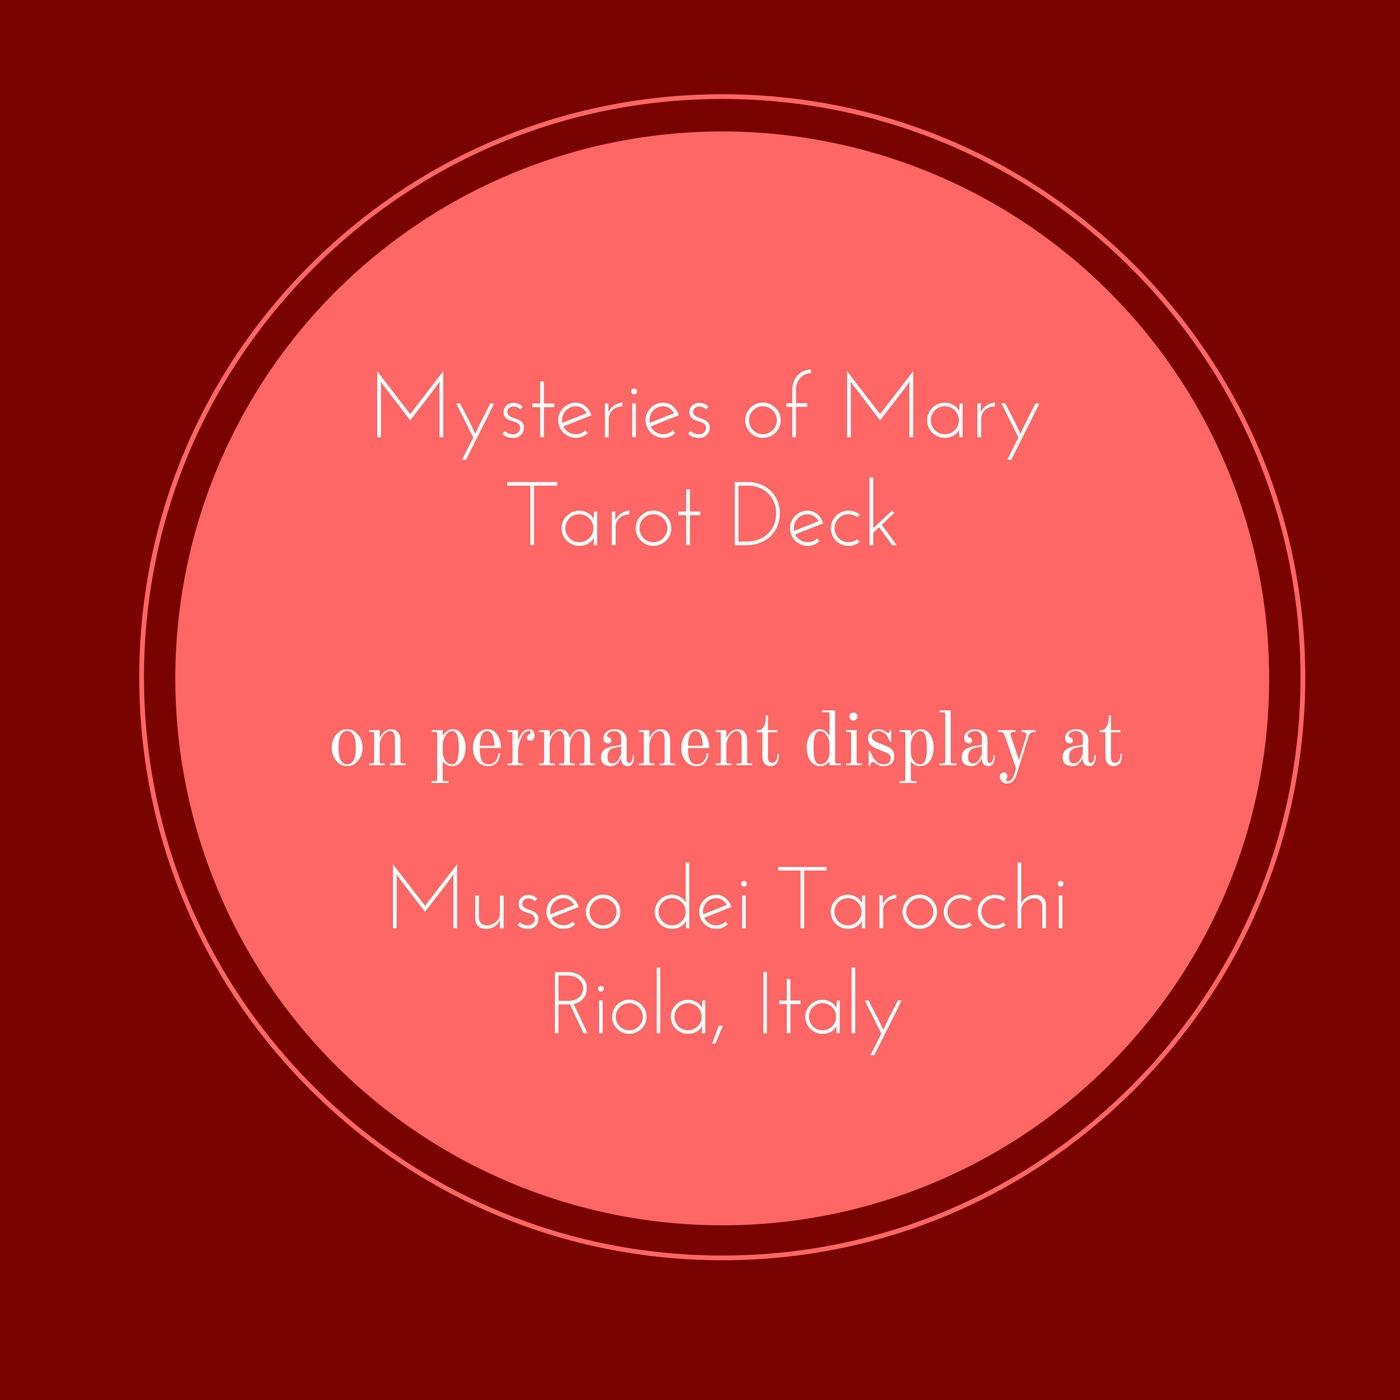 Museo dei Tarocchi